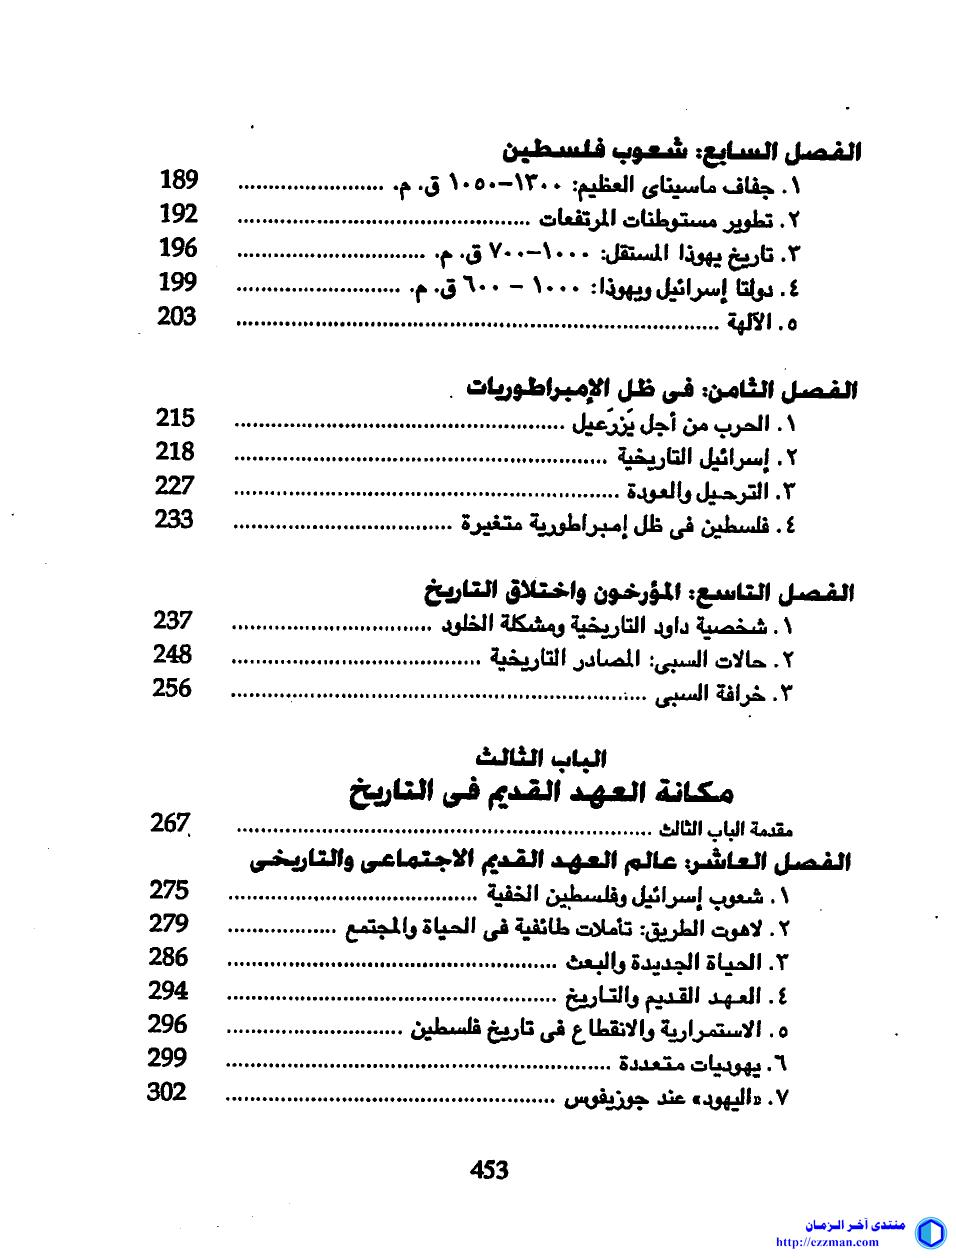 أسفار العهد القديم التاريخ اختلاق